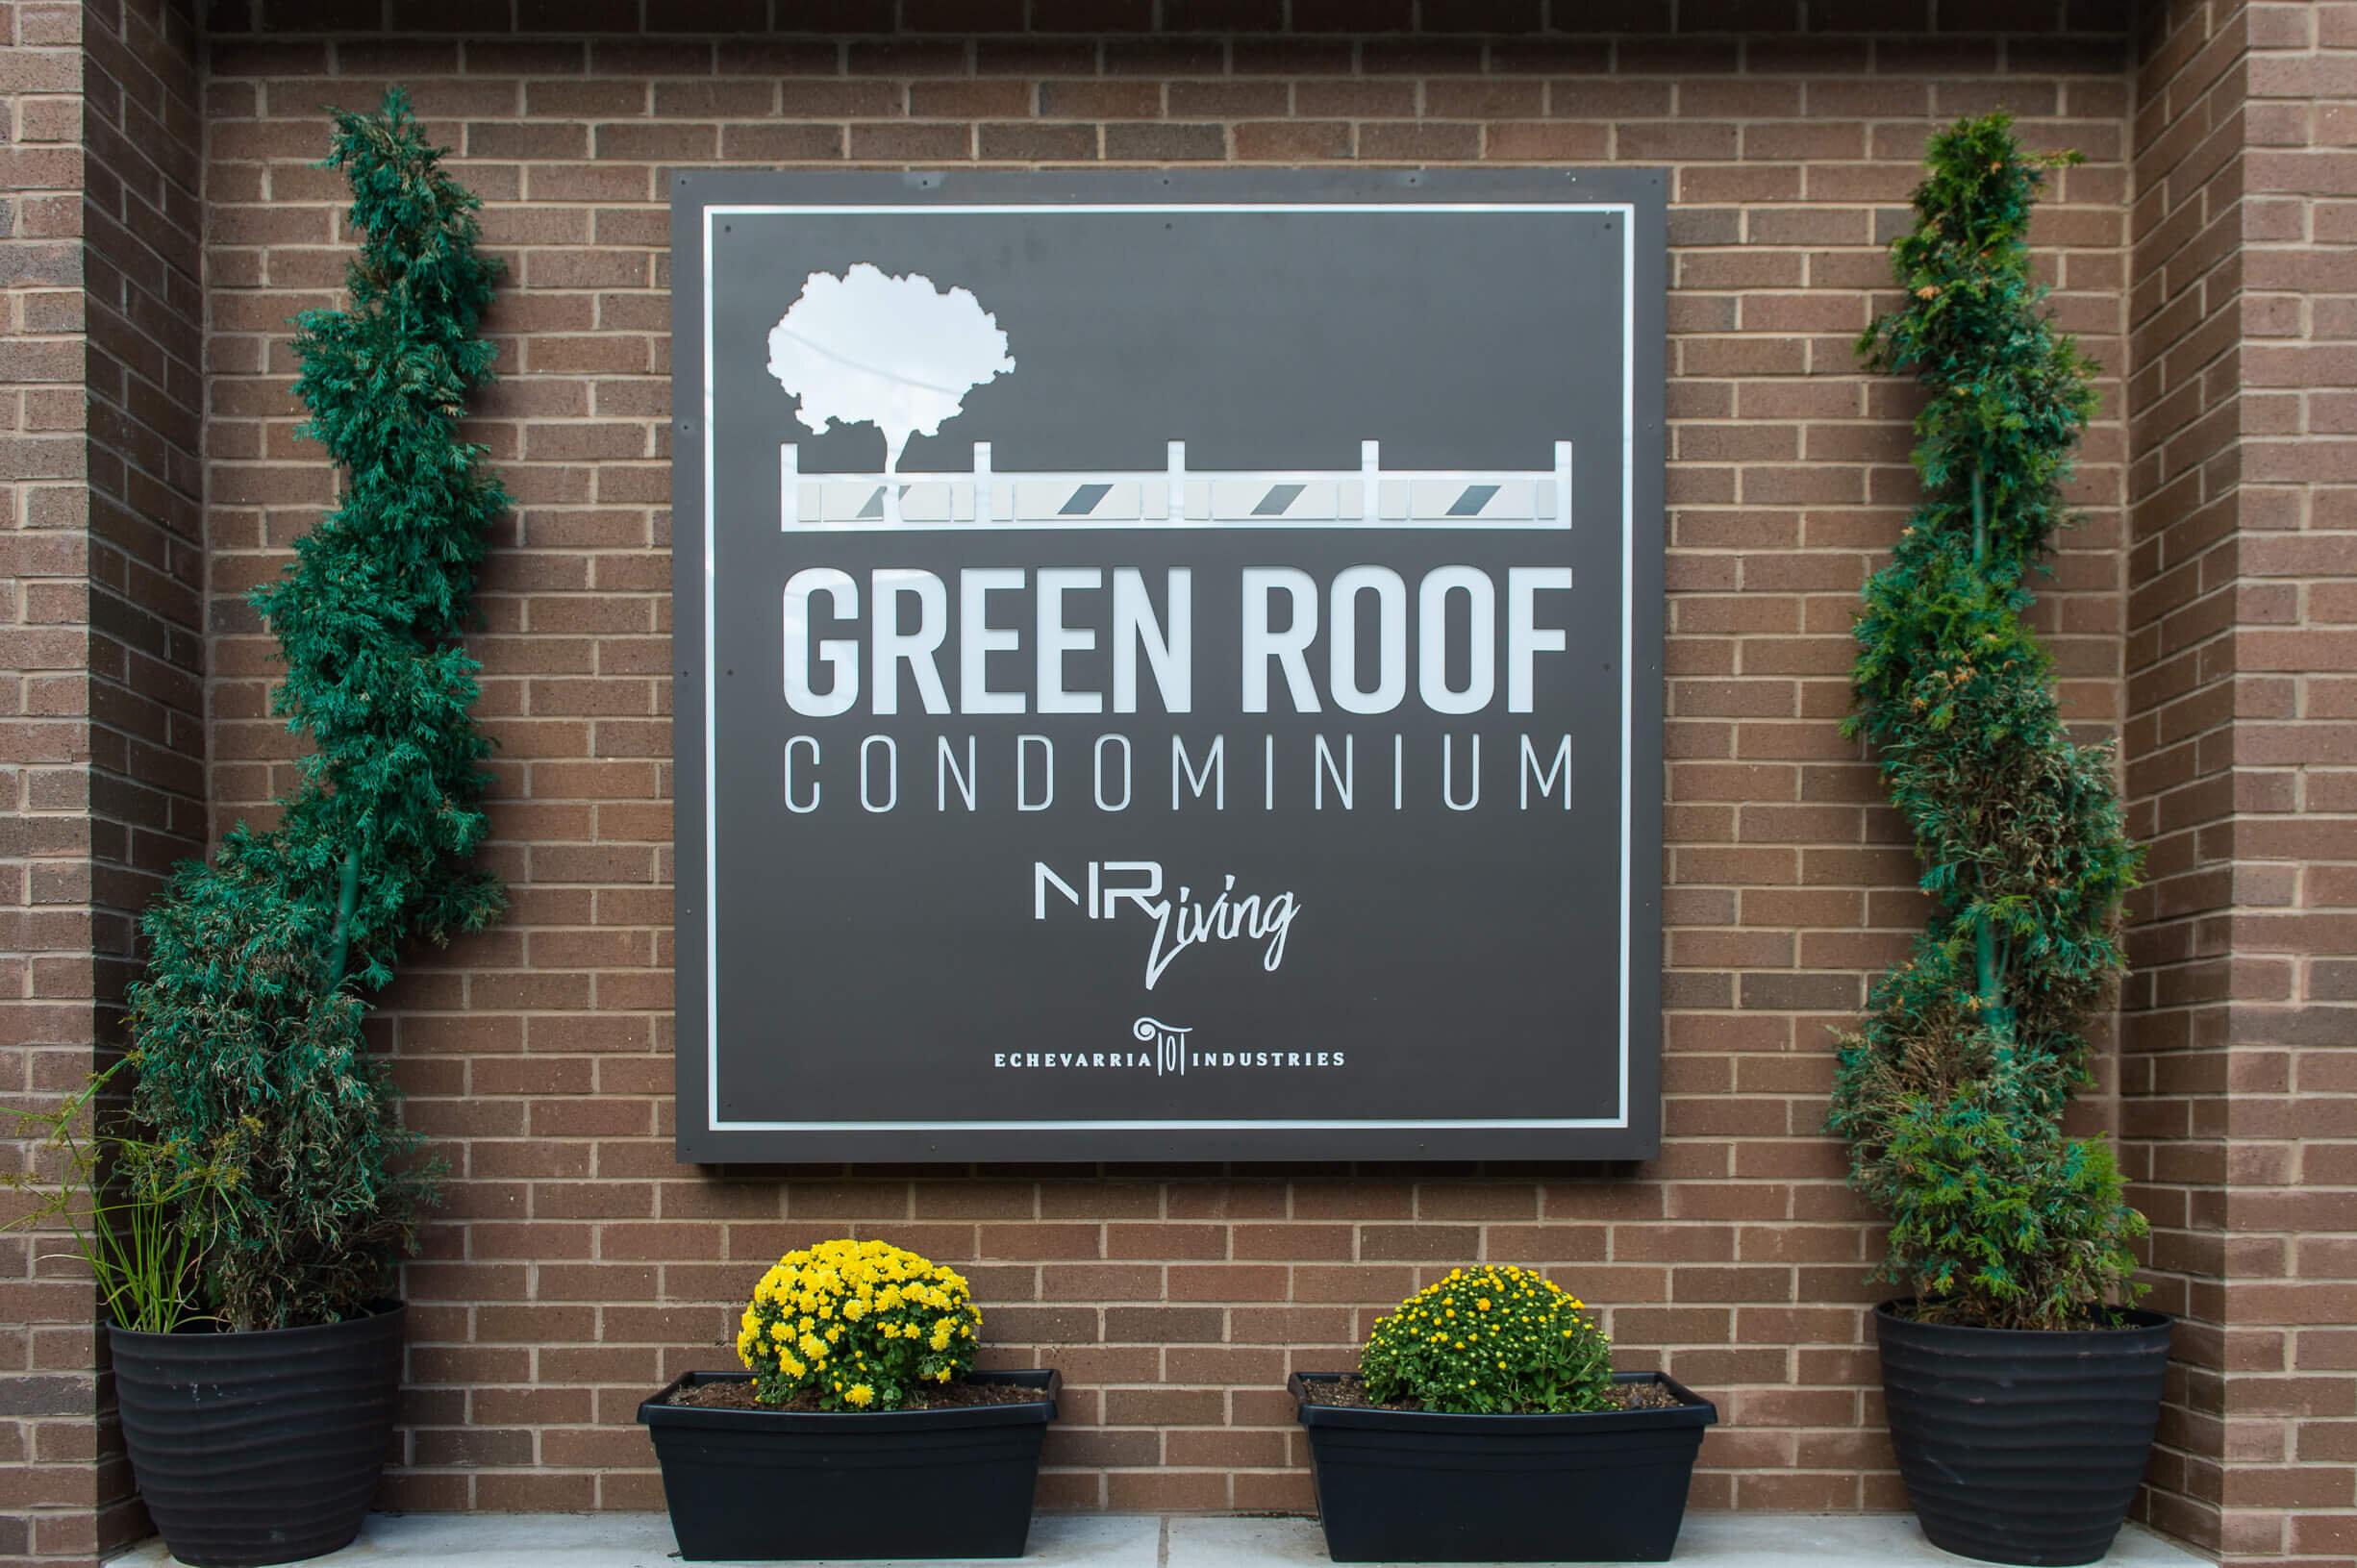 Green Roof Condominium Grand Opening Event